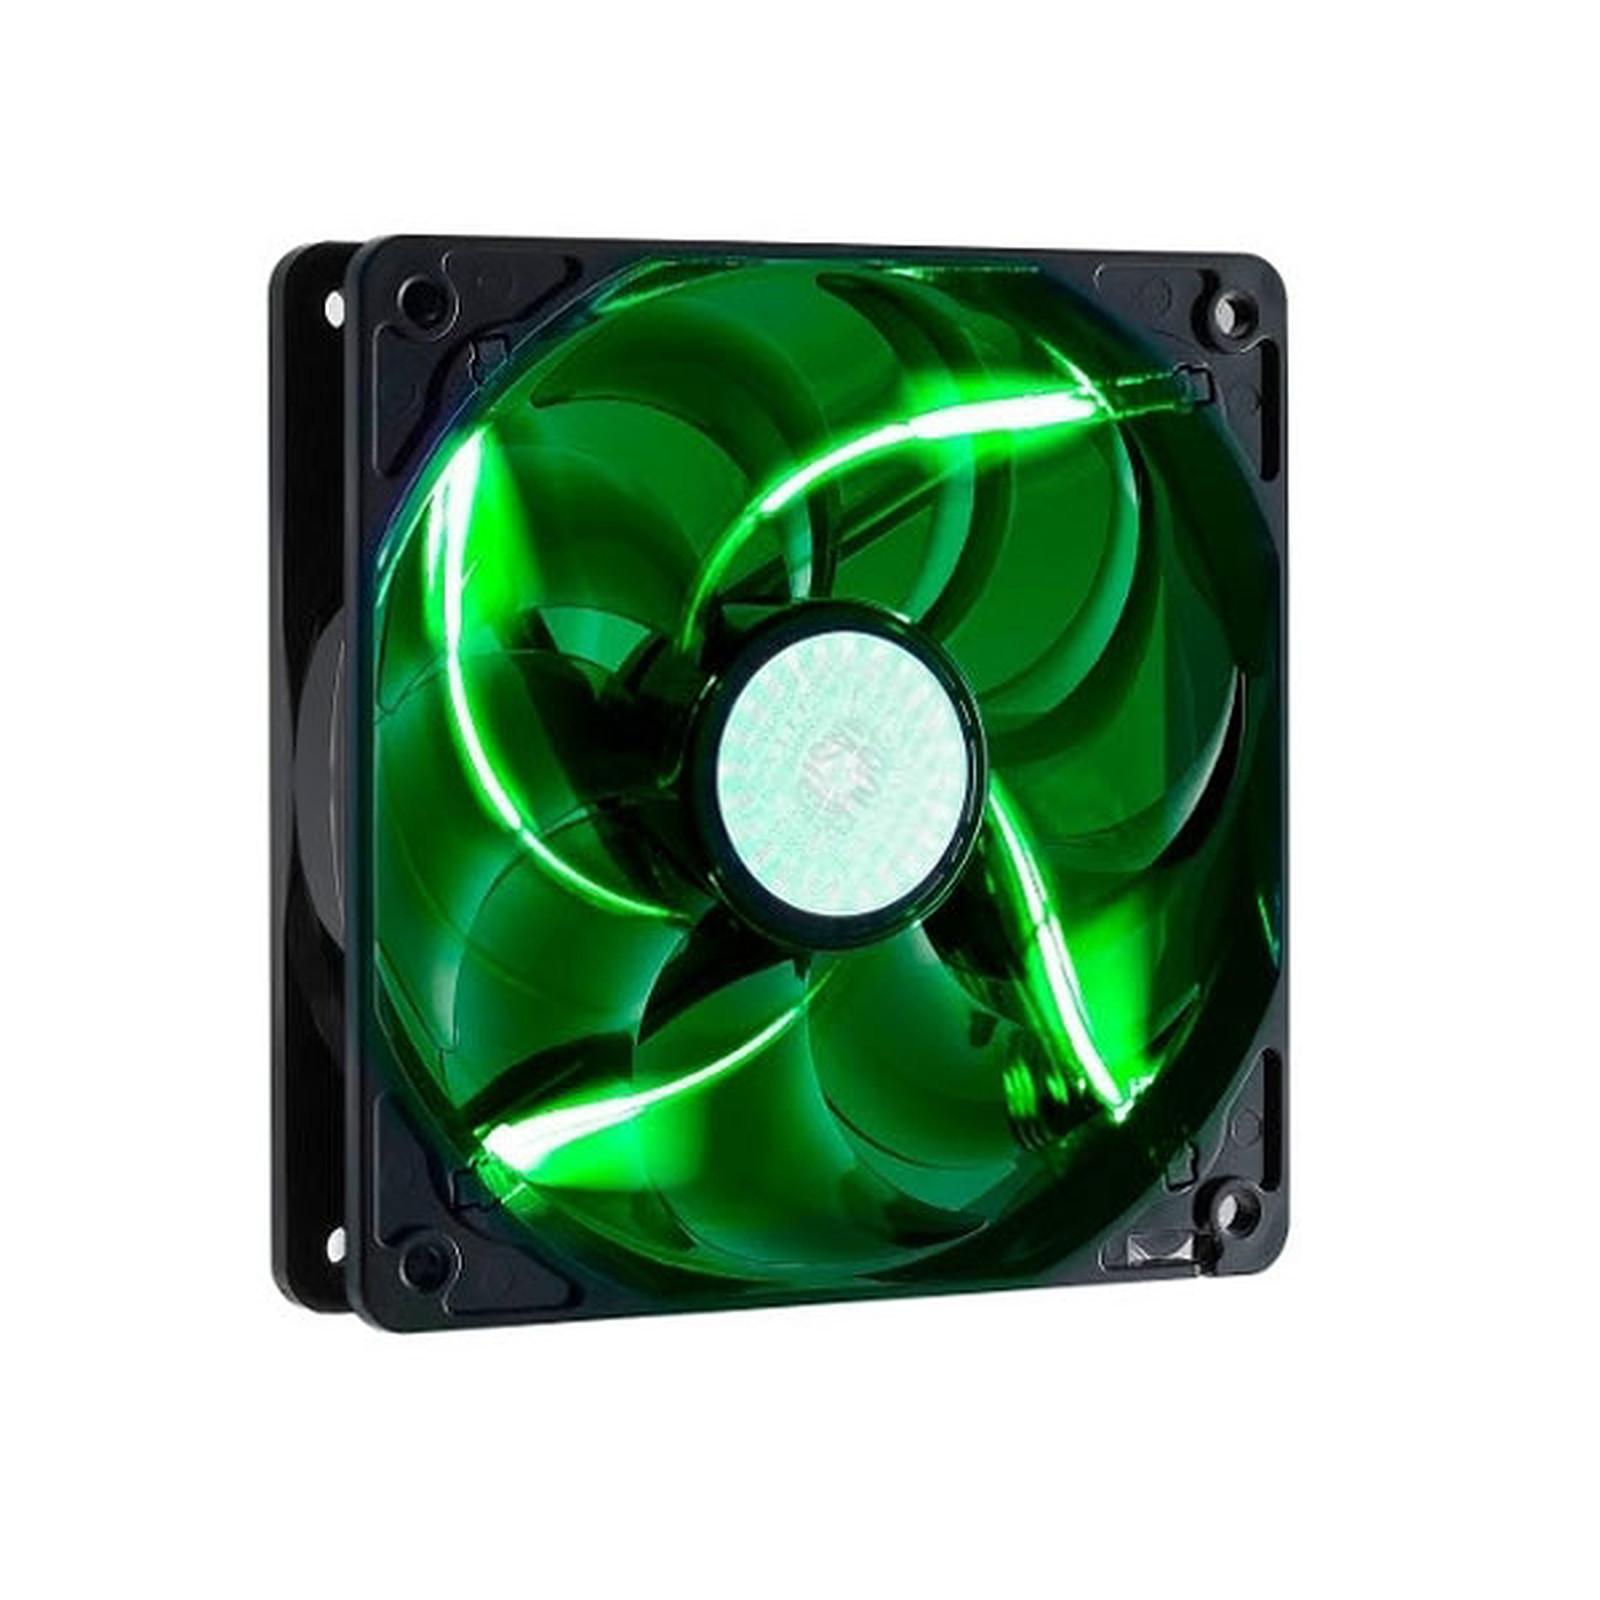 Cooler Master SickleFlow Green